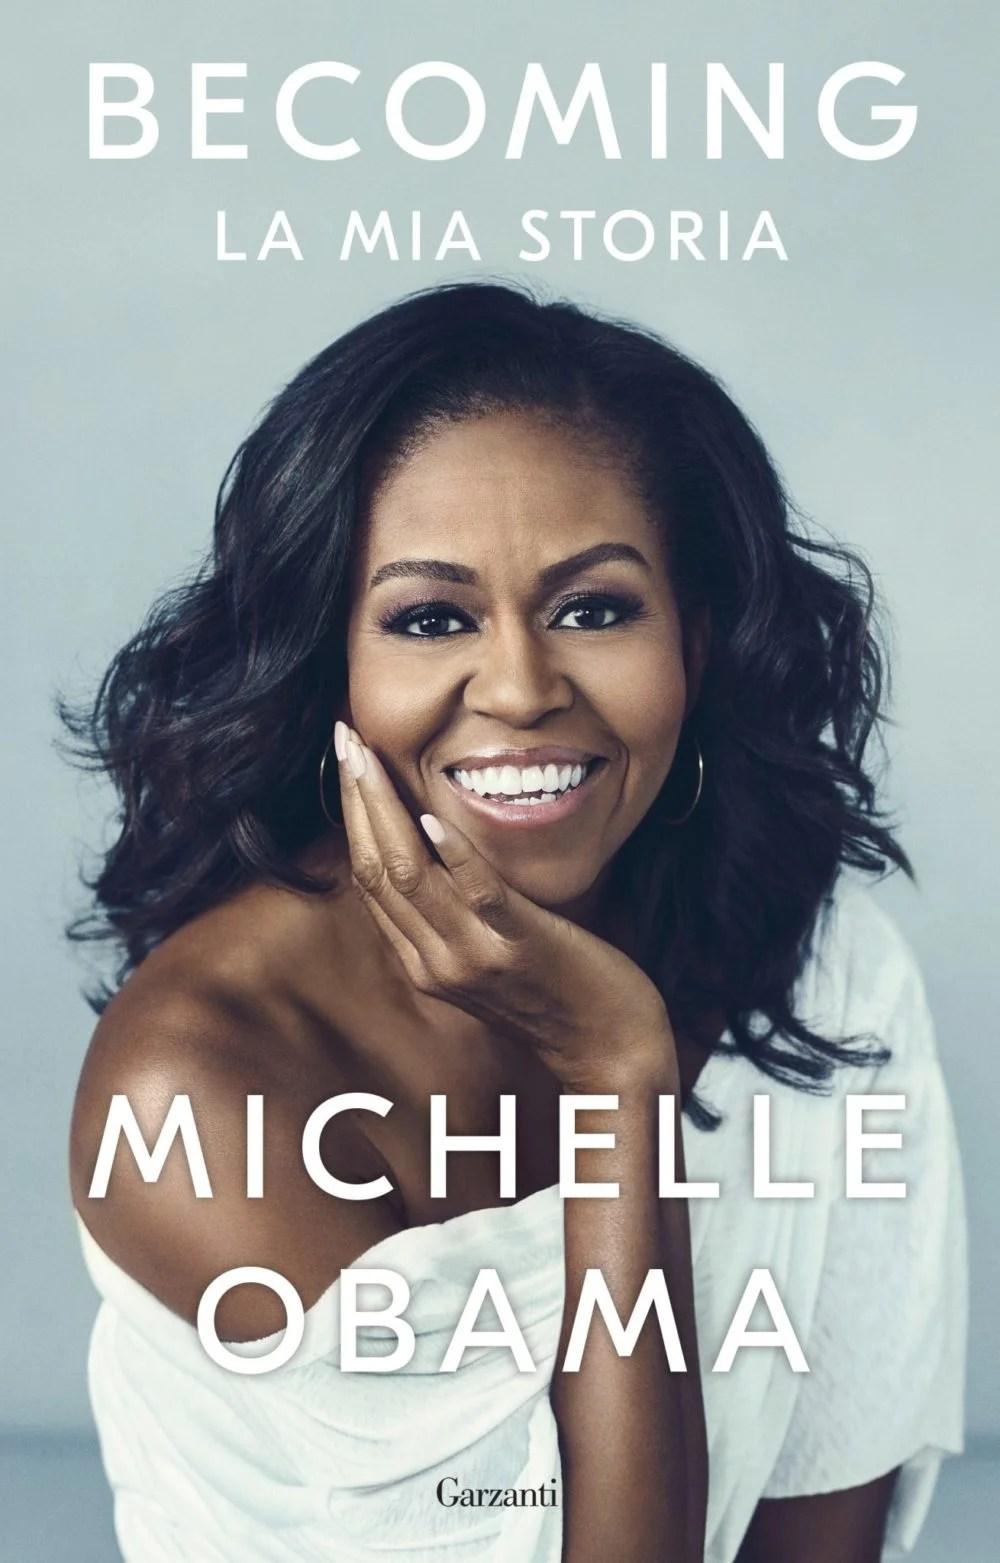 Recensione di Becoming – Michelle Obama